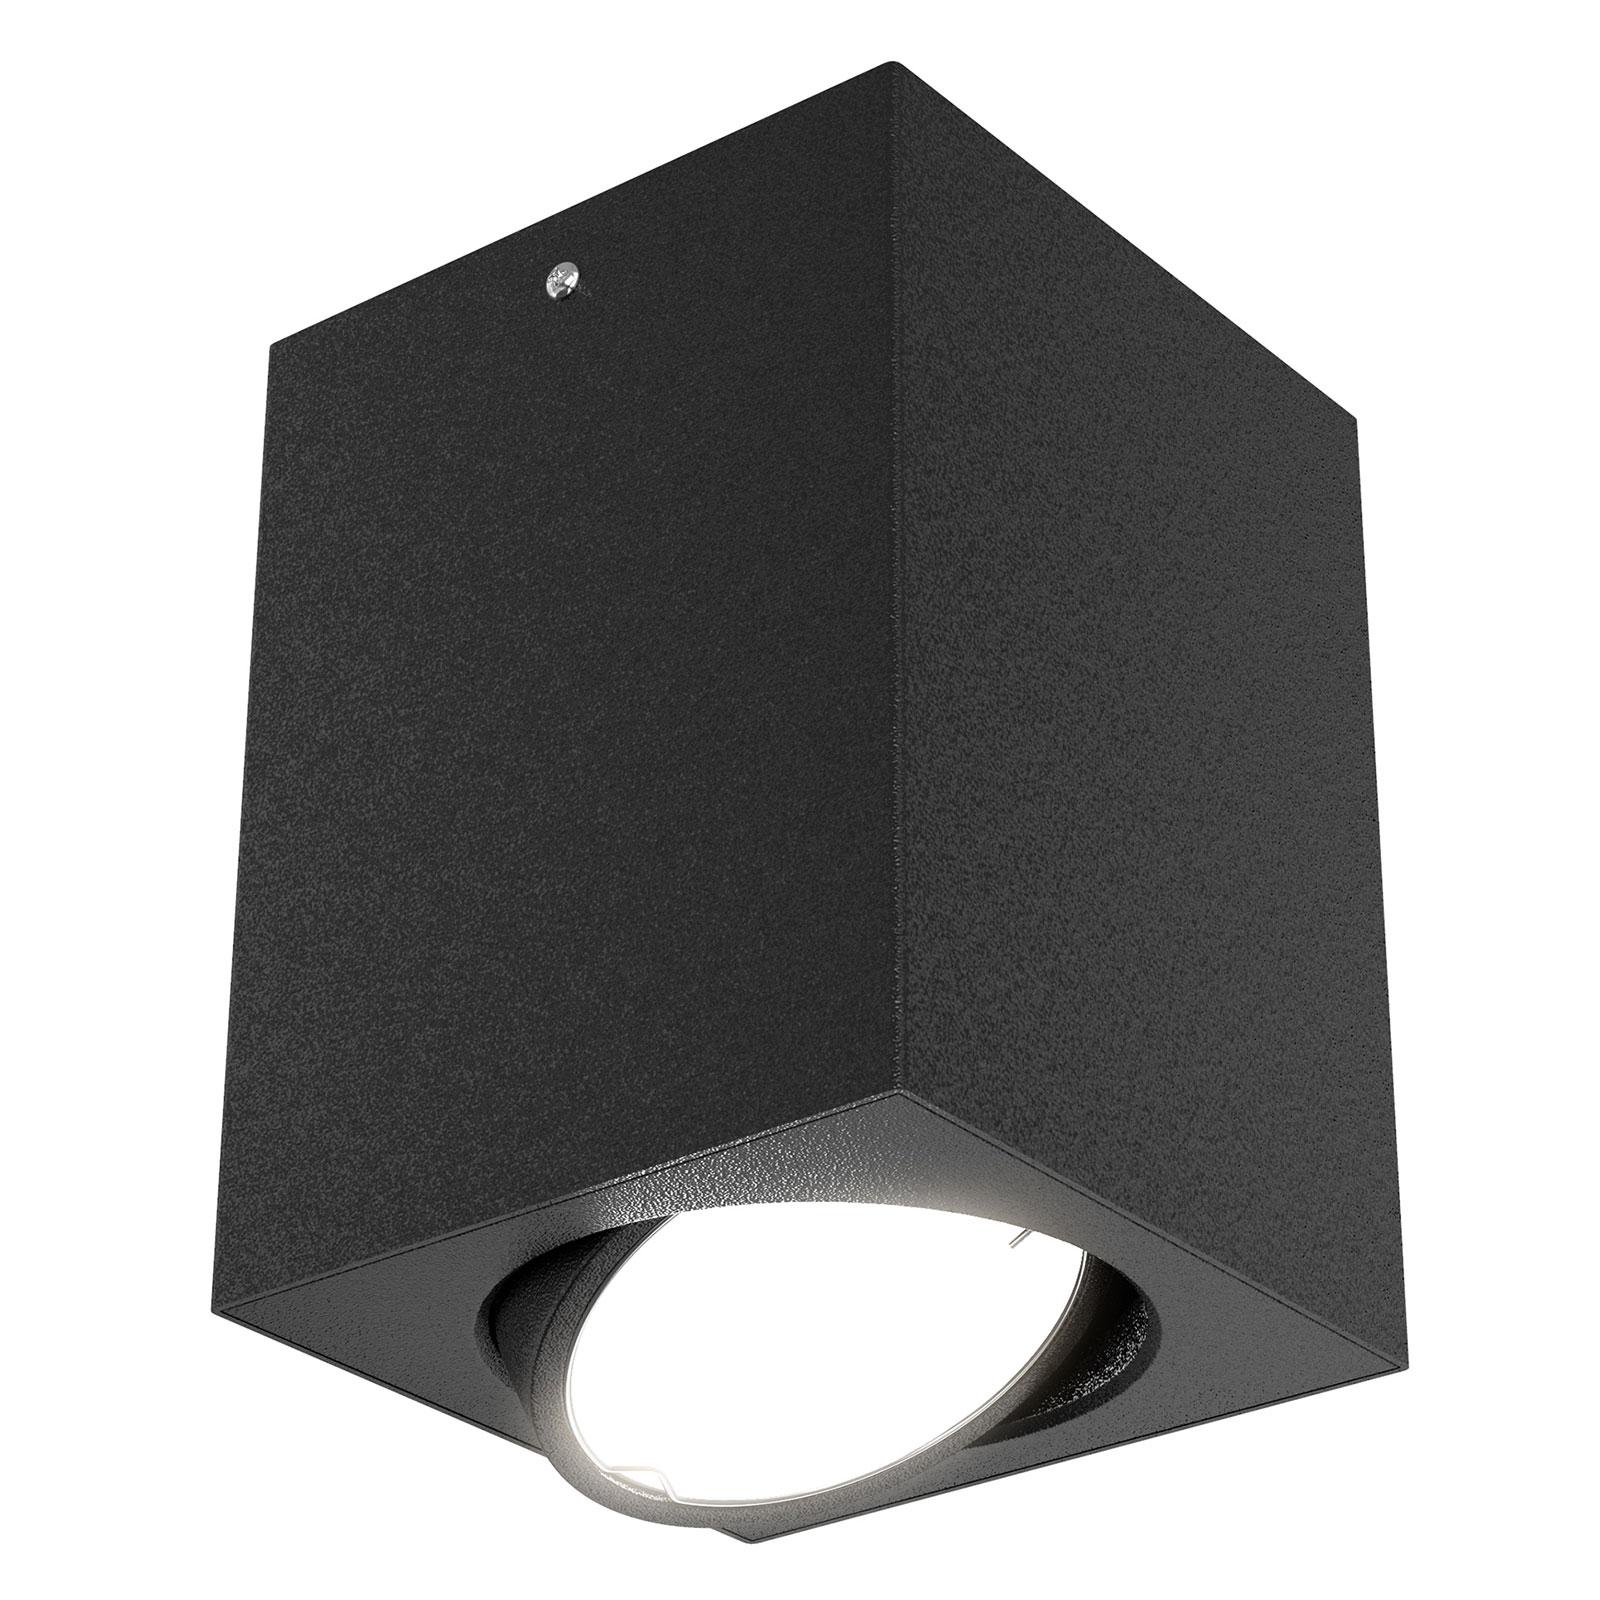 Faretto da soffitto LED 7120, GU10 nero